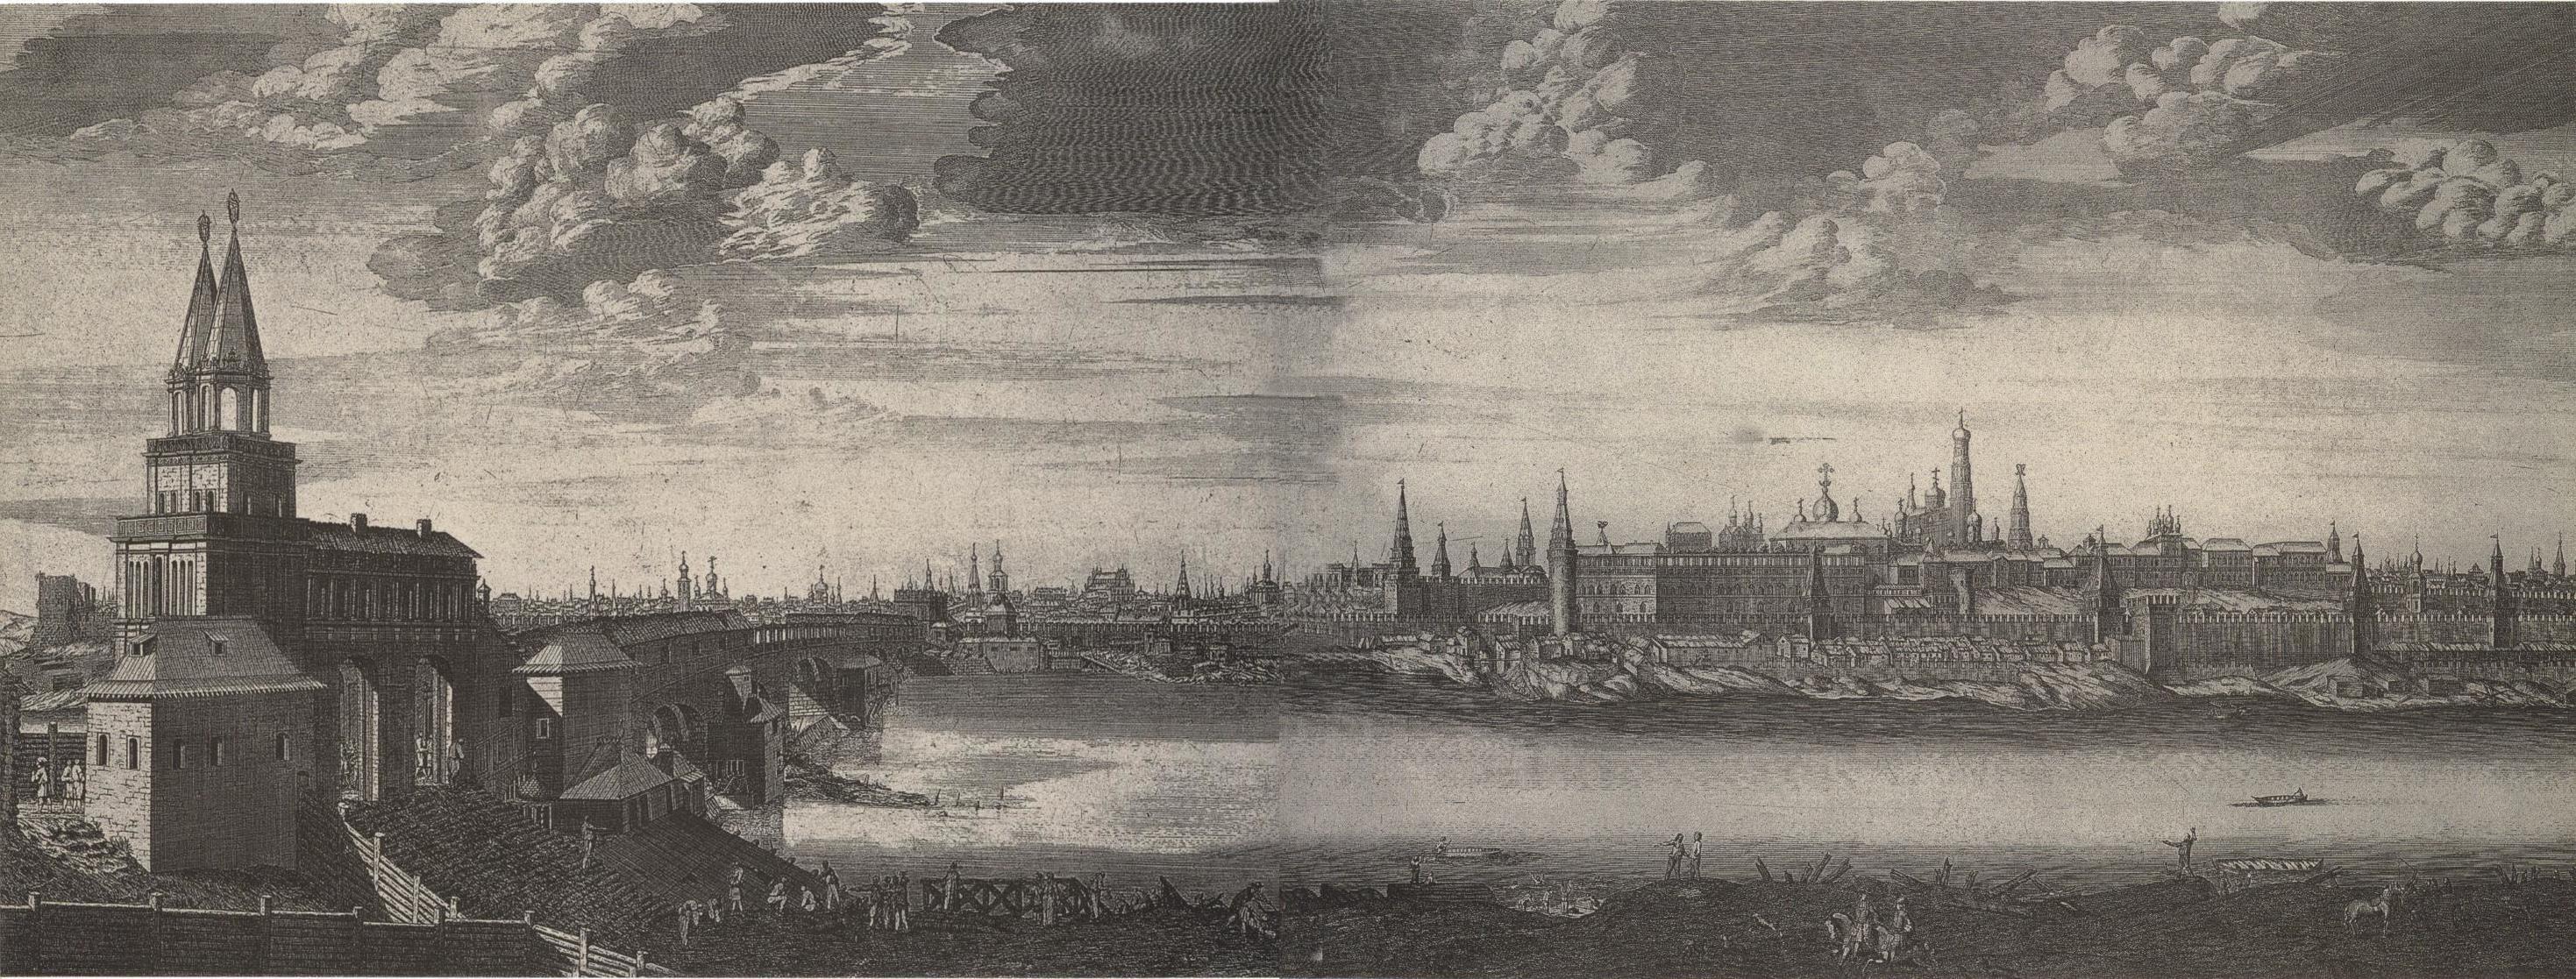 1707. Вид Москвы от Каменного моста5